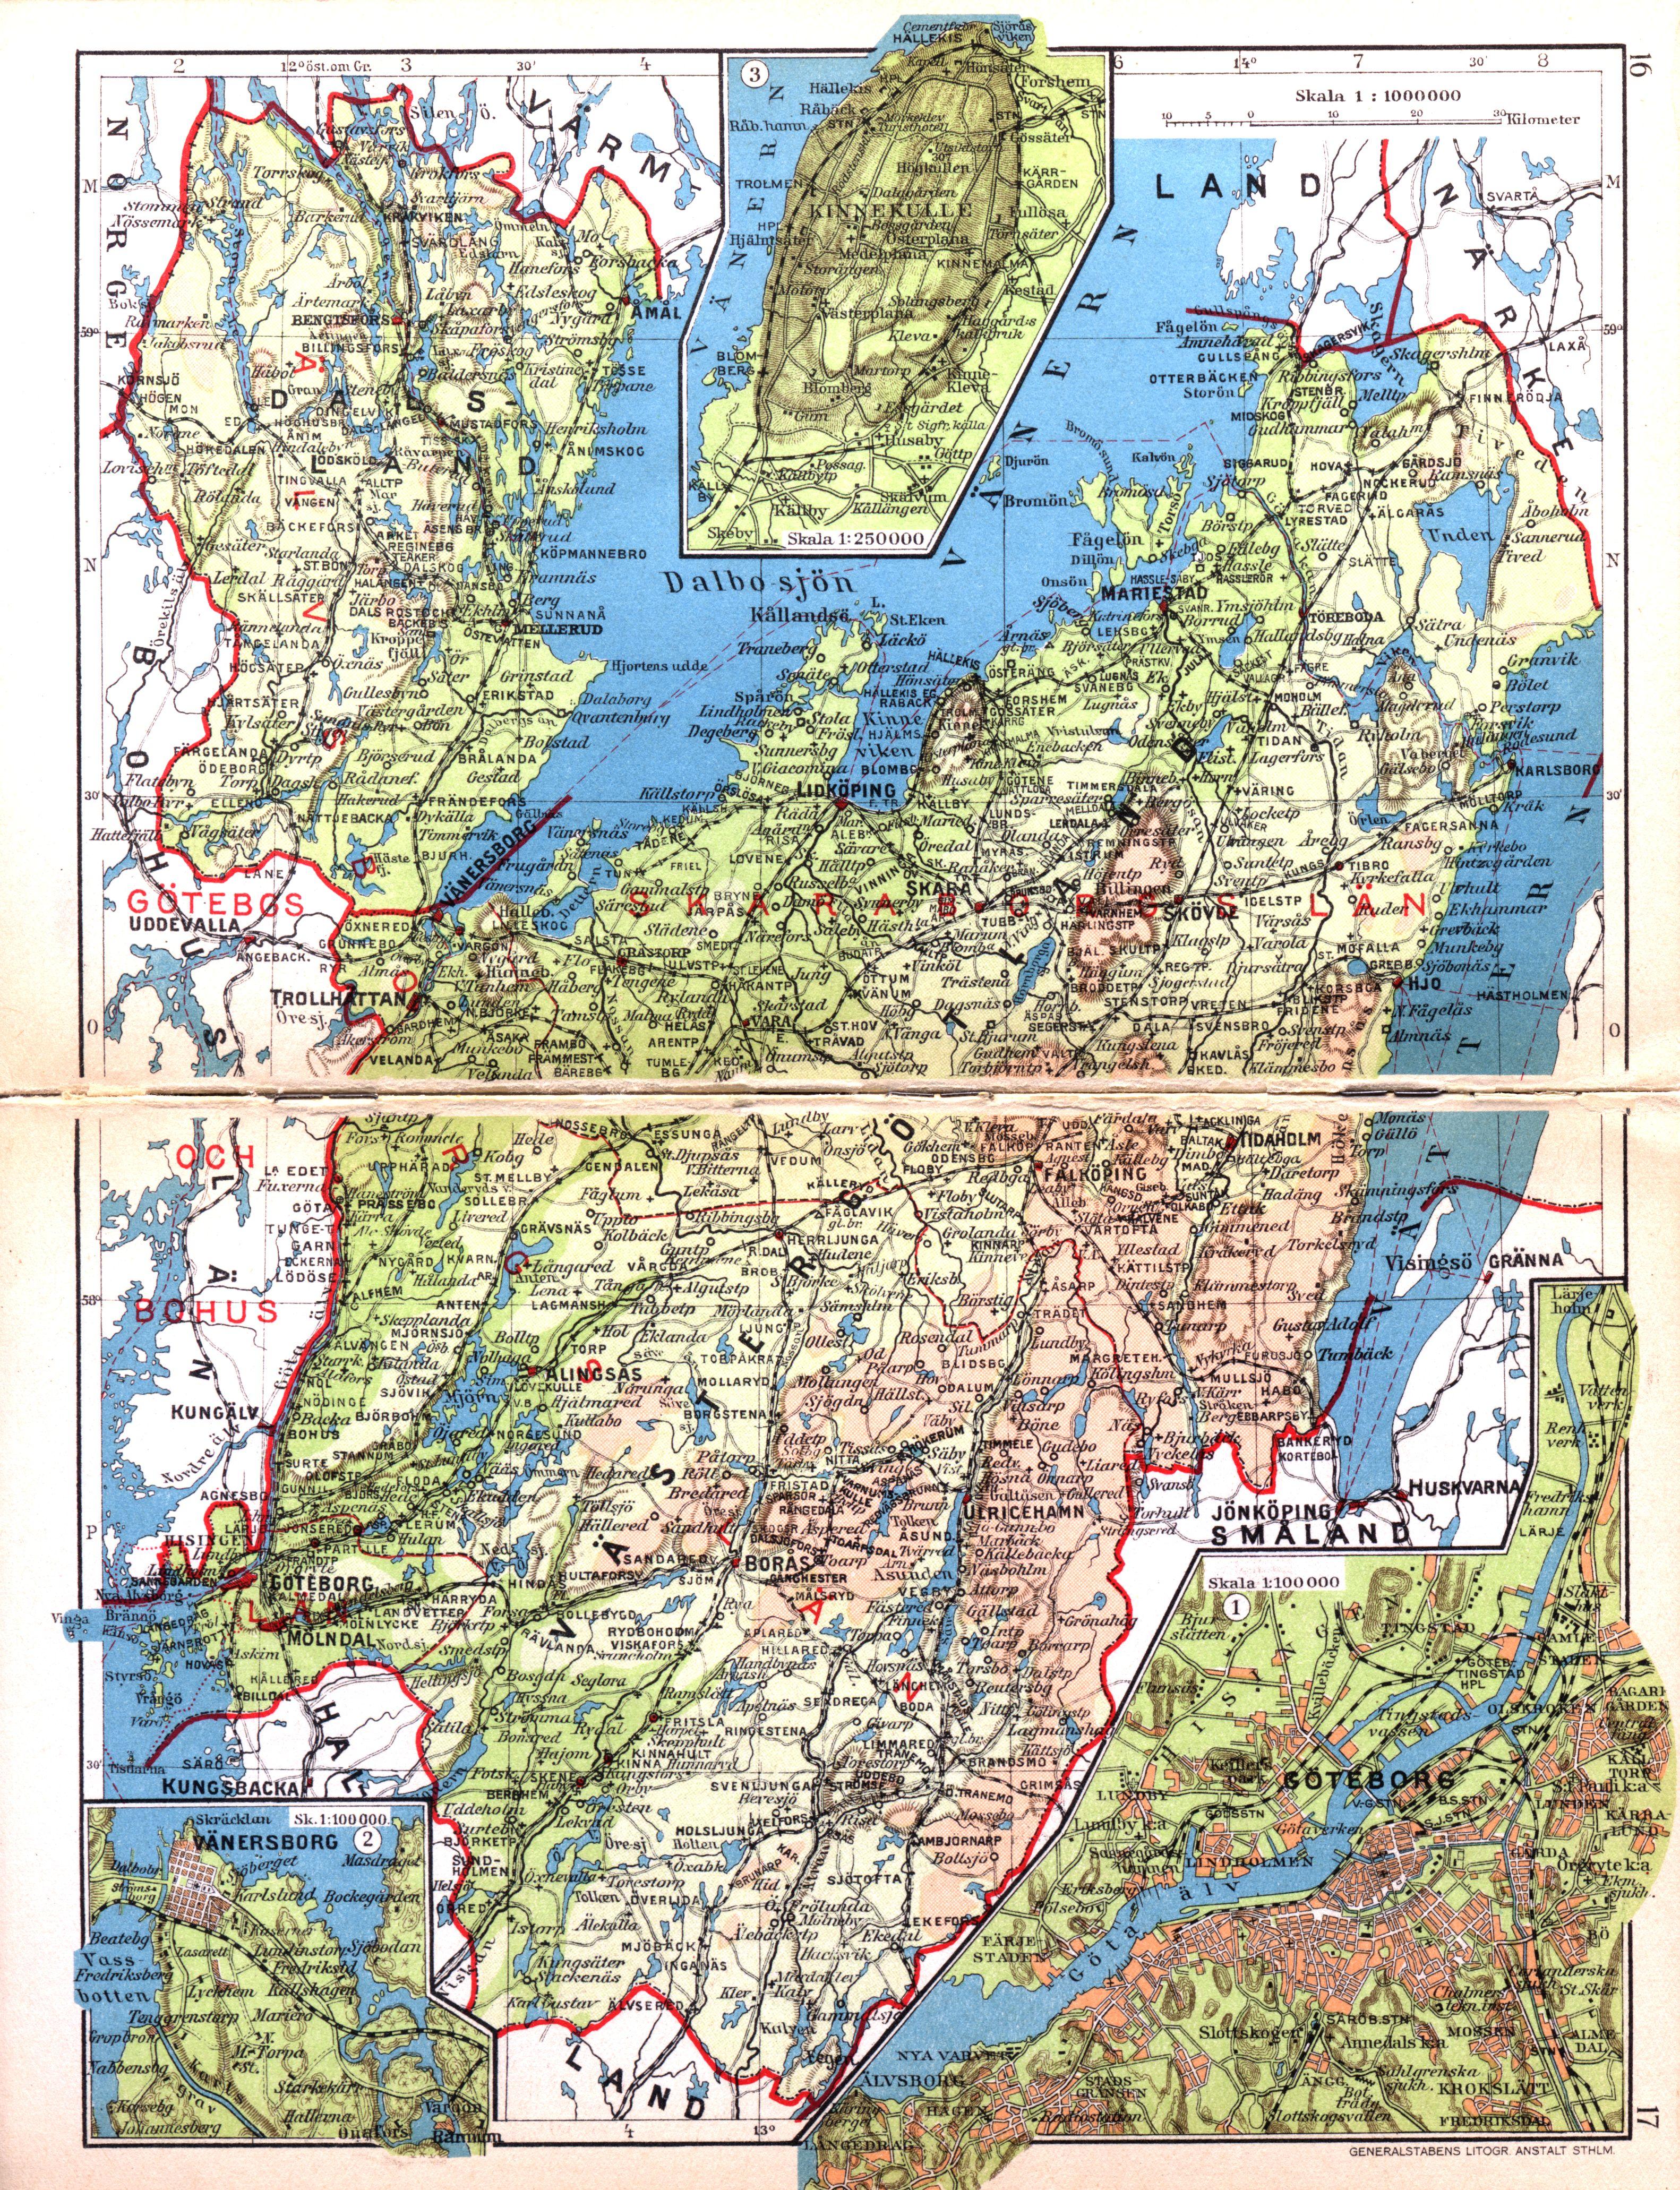 karta västergötland File:Cohrs atlas över Sverige 0009 Västergötland.   Wikimedia  karta västergötland